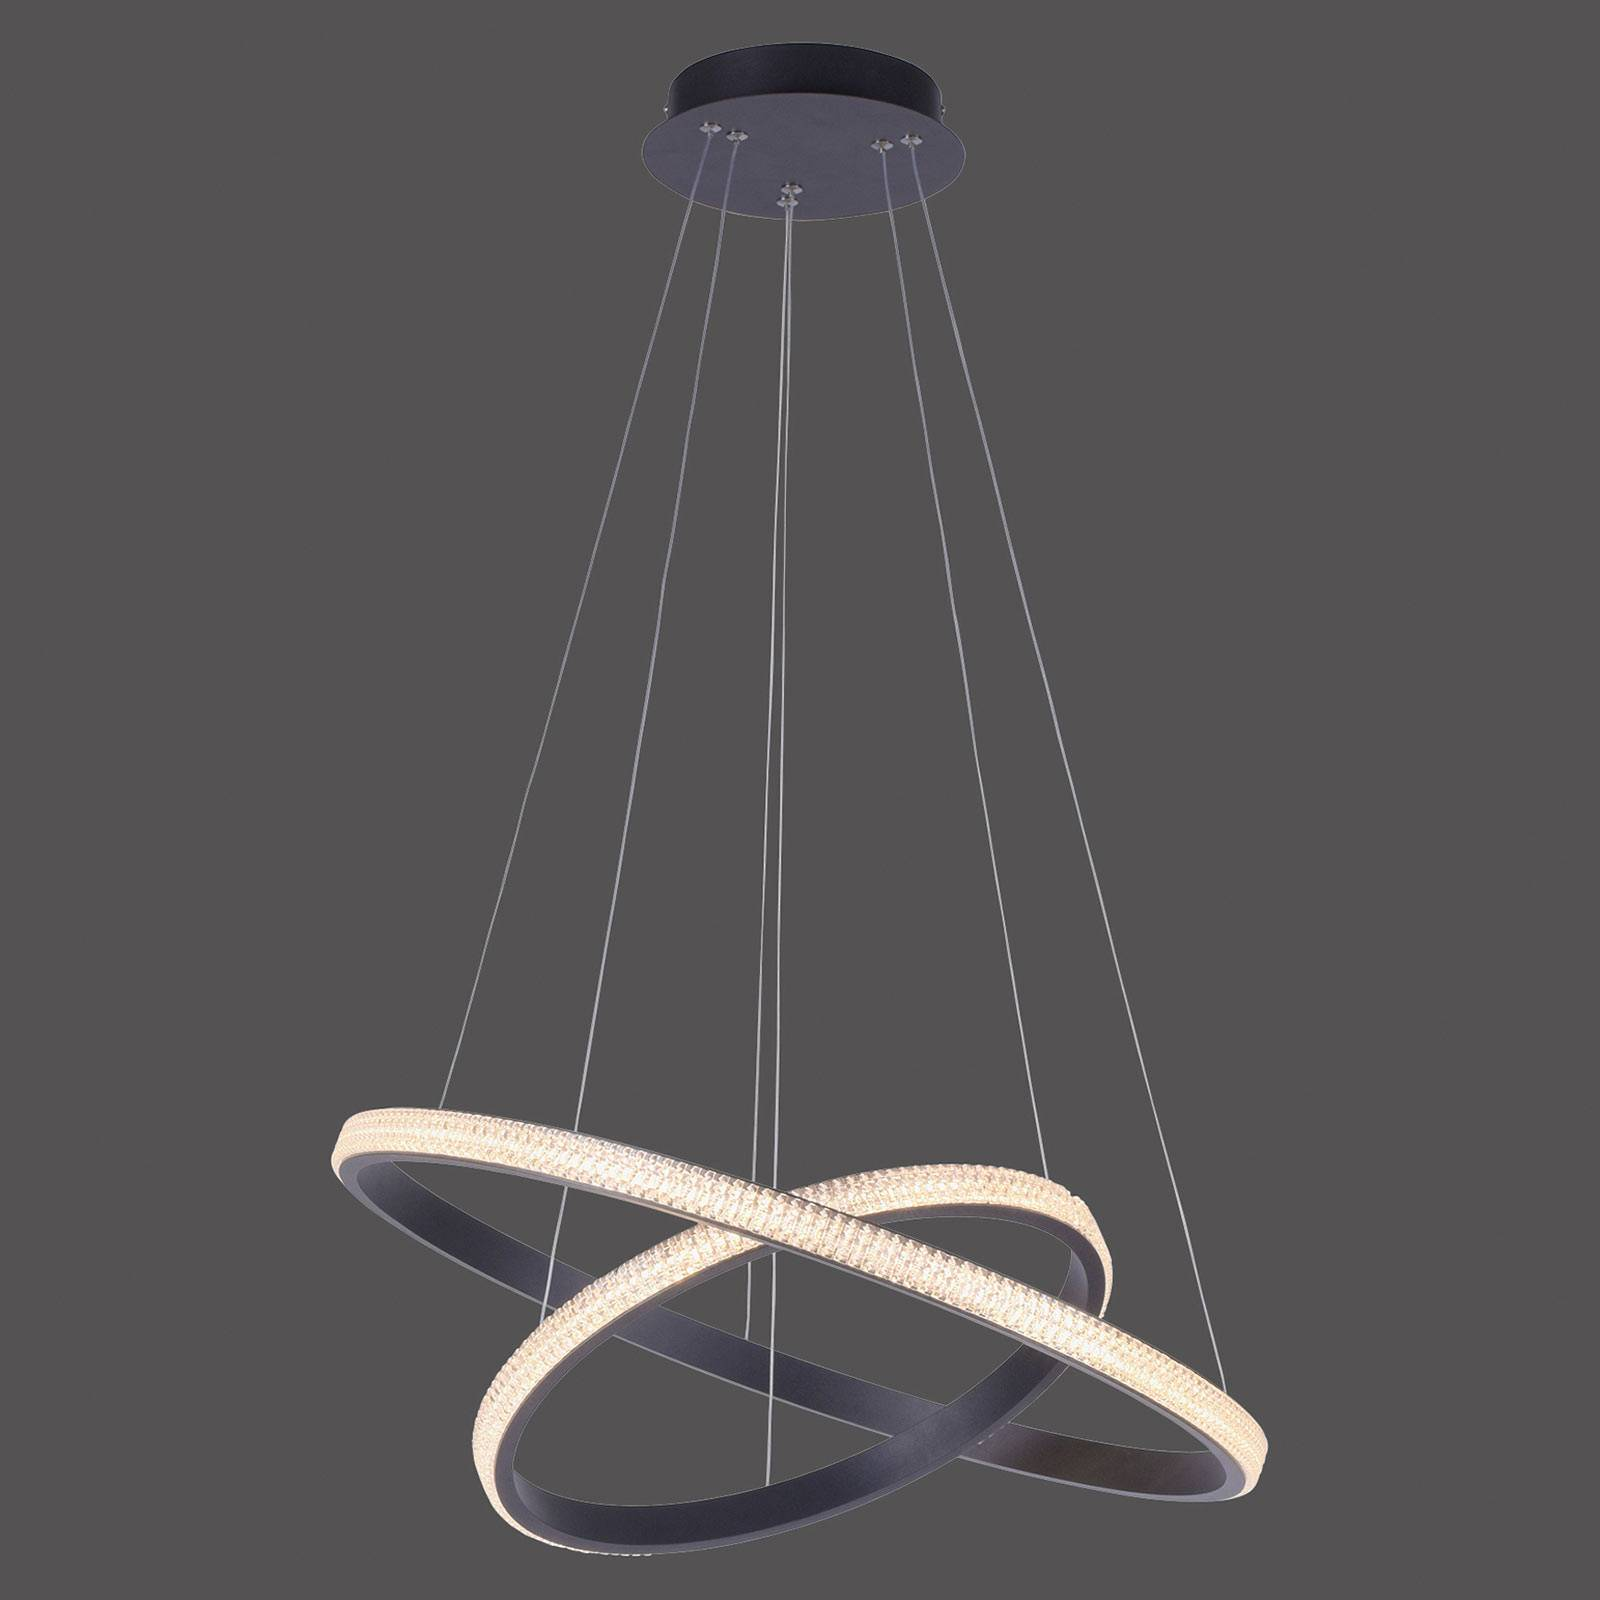 Lampa wisząca LED Musa, 2 pierścienie, czarna